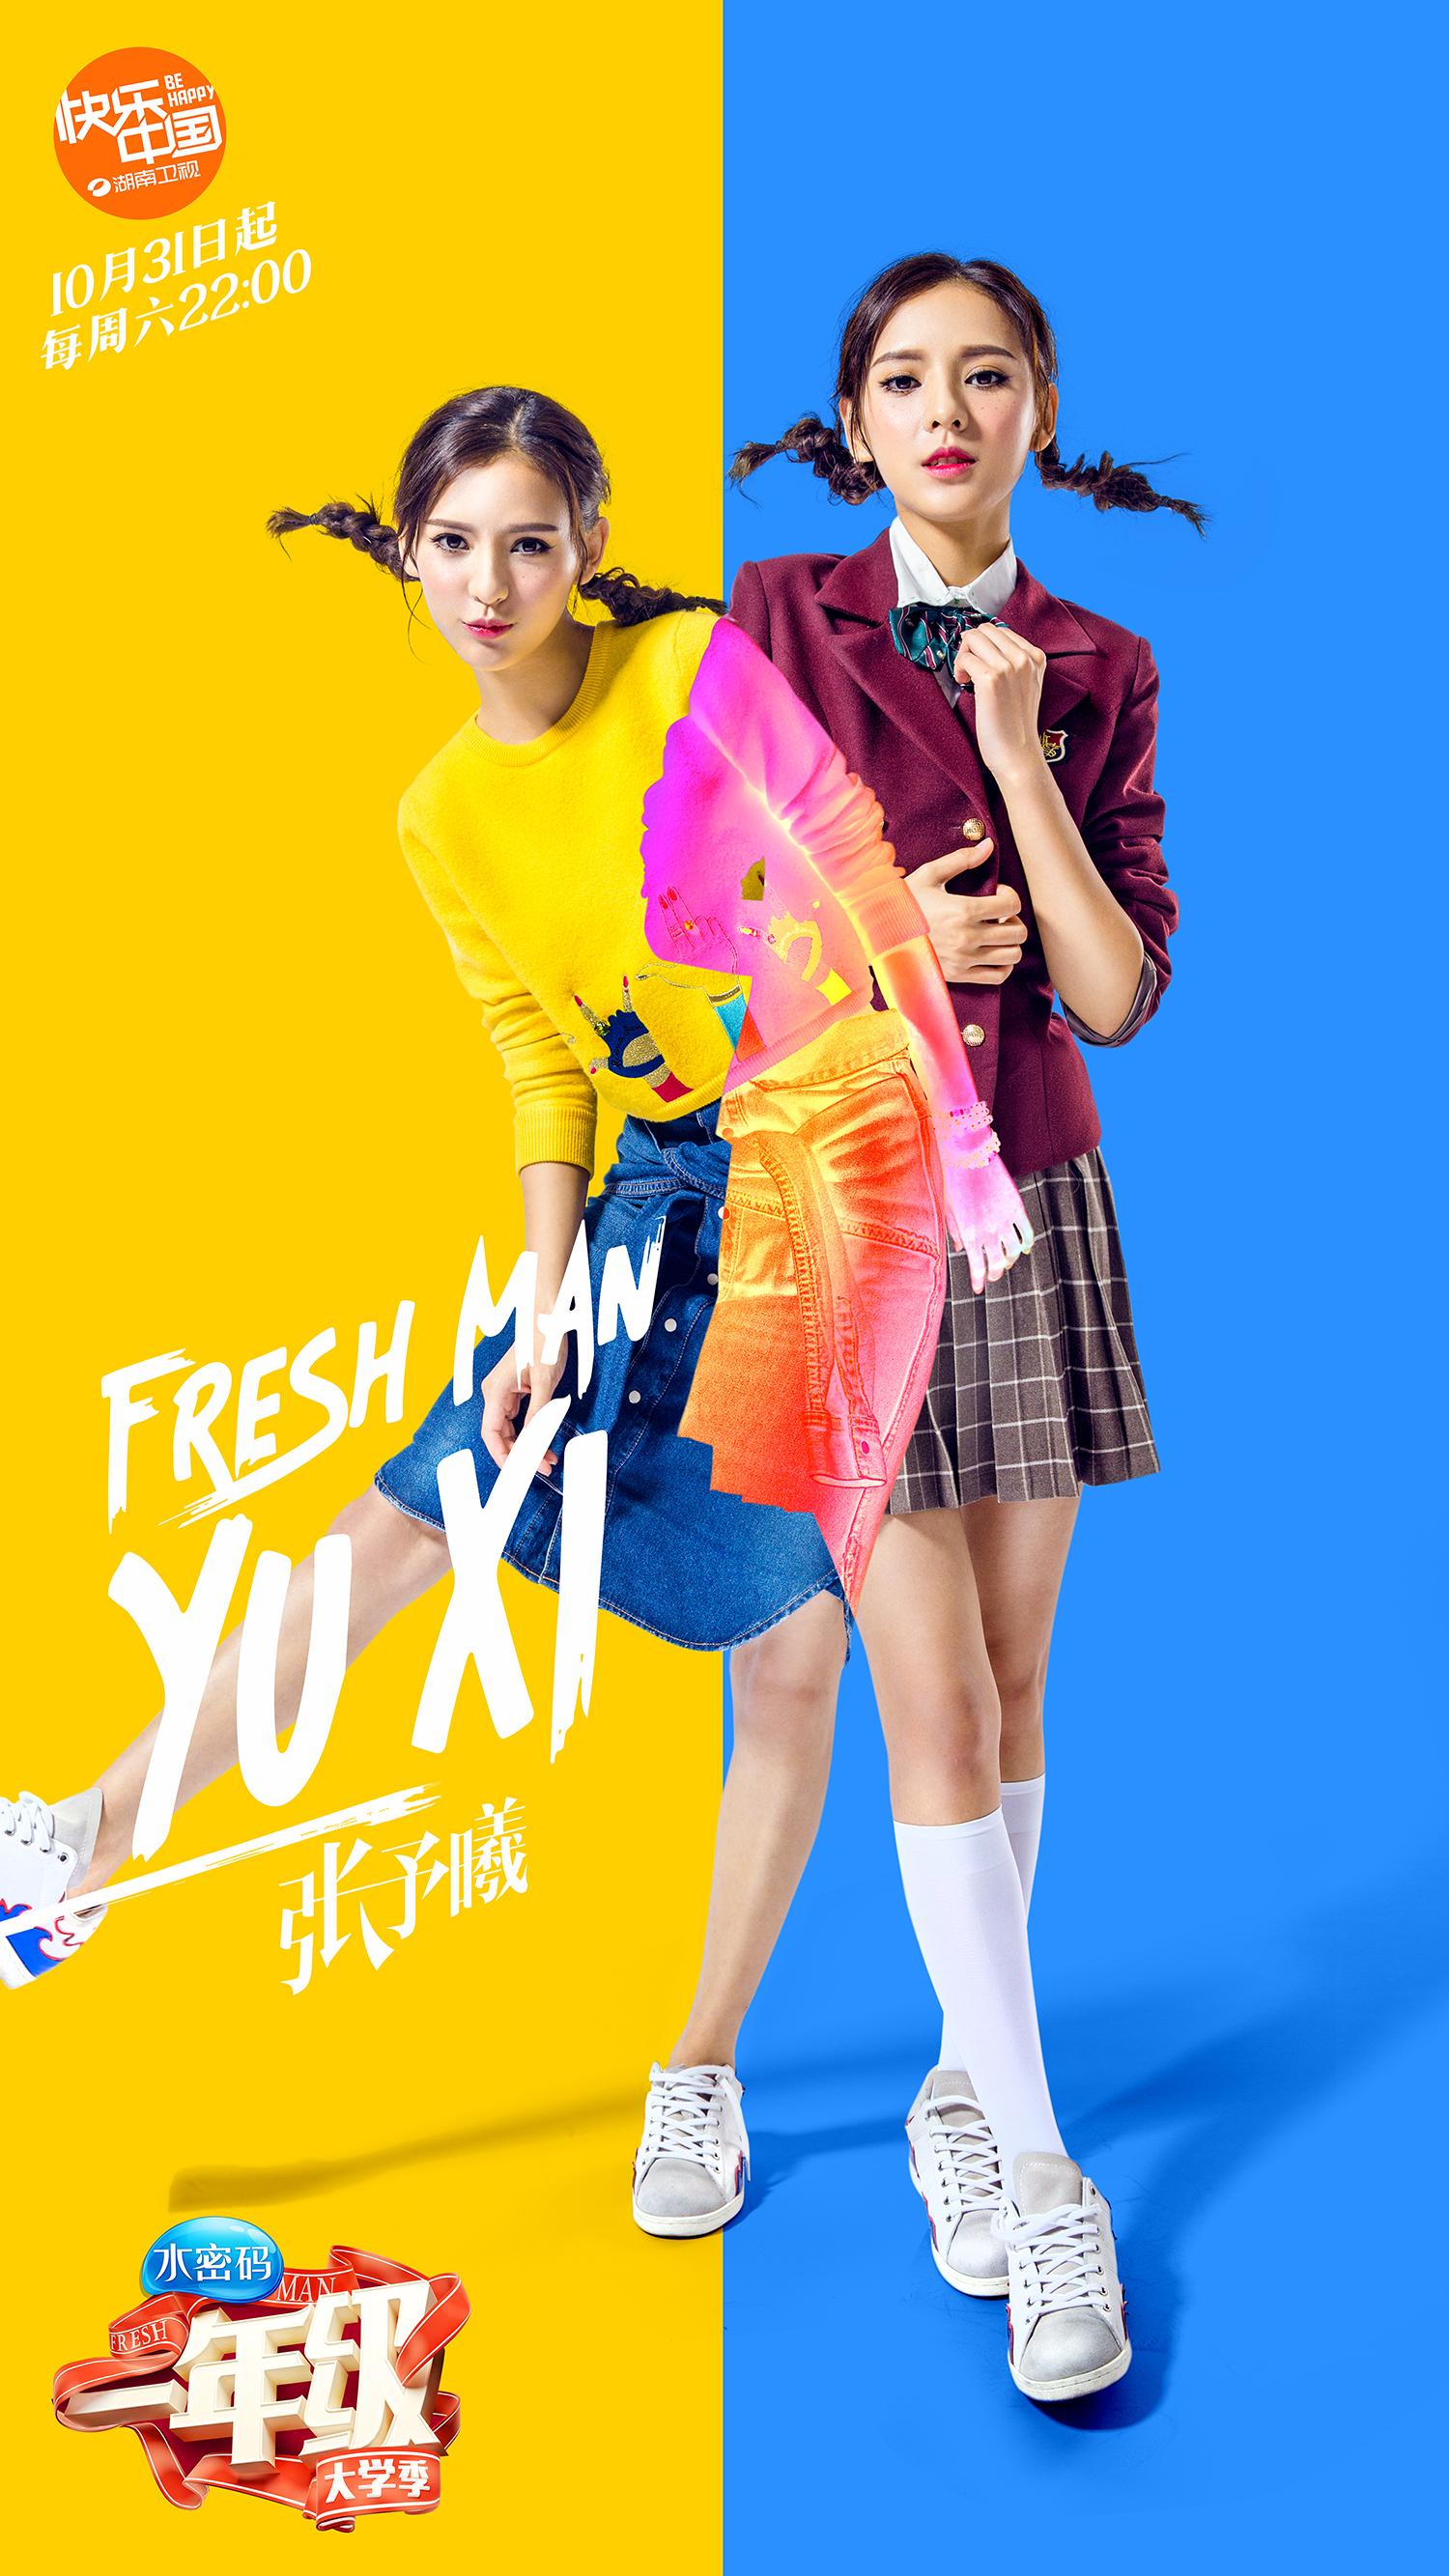 《一年級》湖南衛視電視節目海報拍攝作品